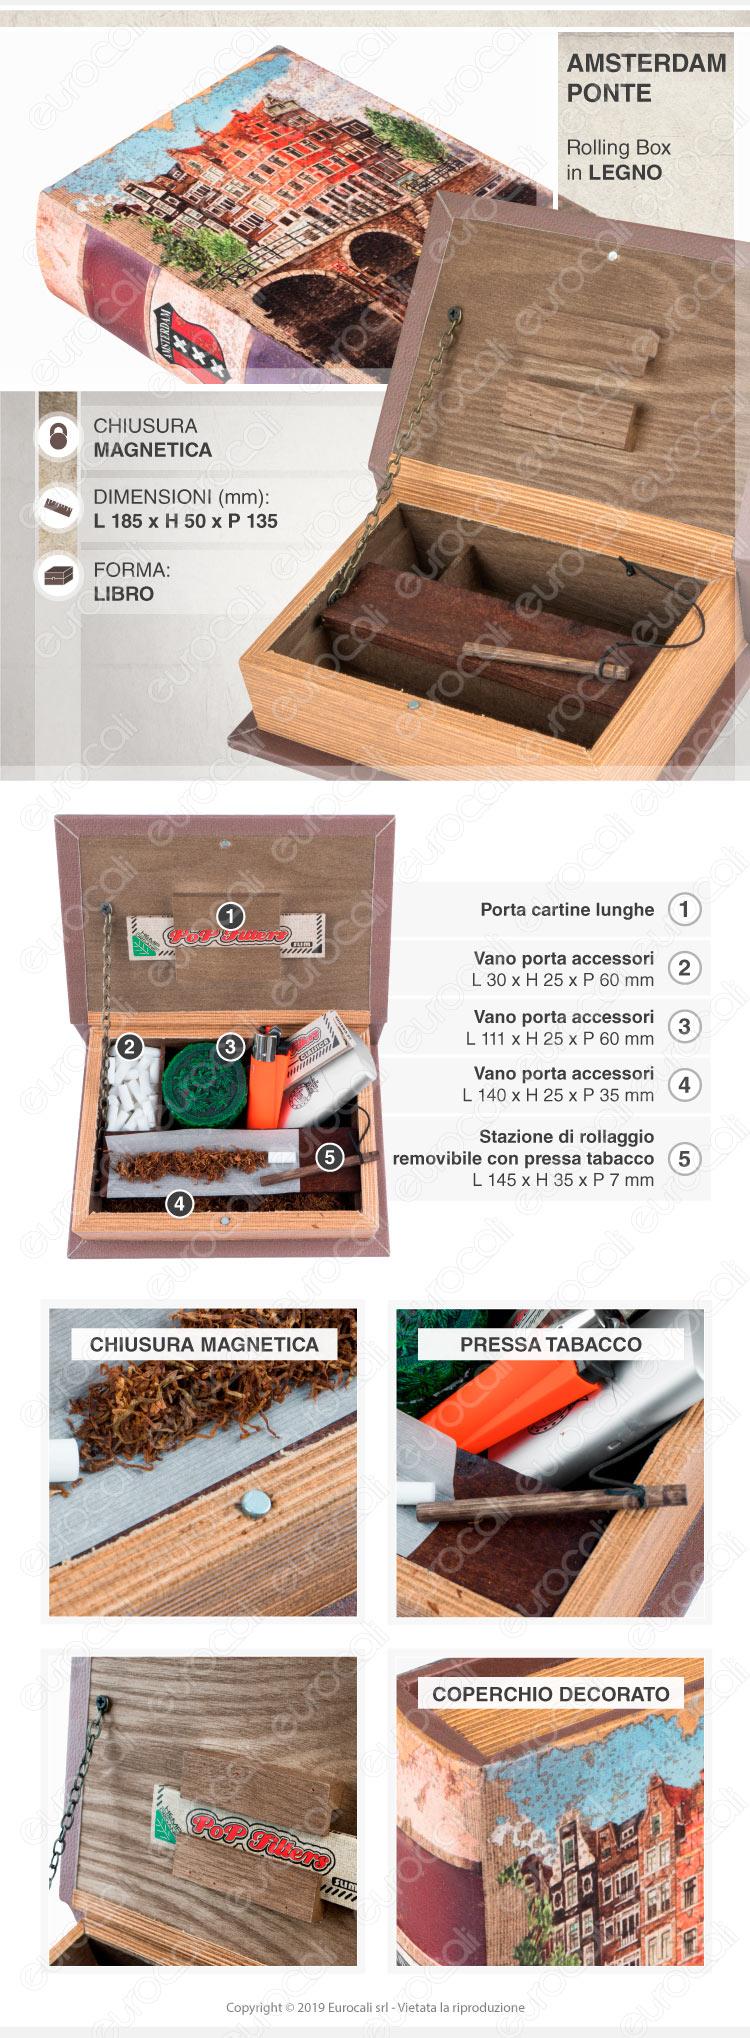 Spliff Box Stazione di Rollaggio